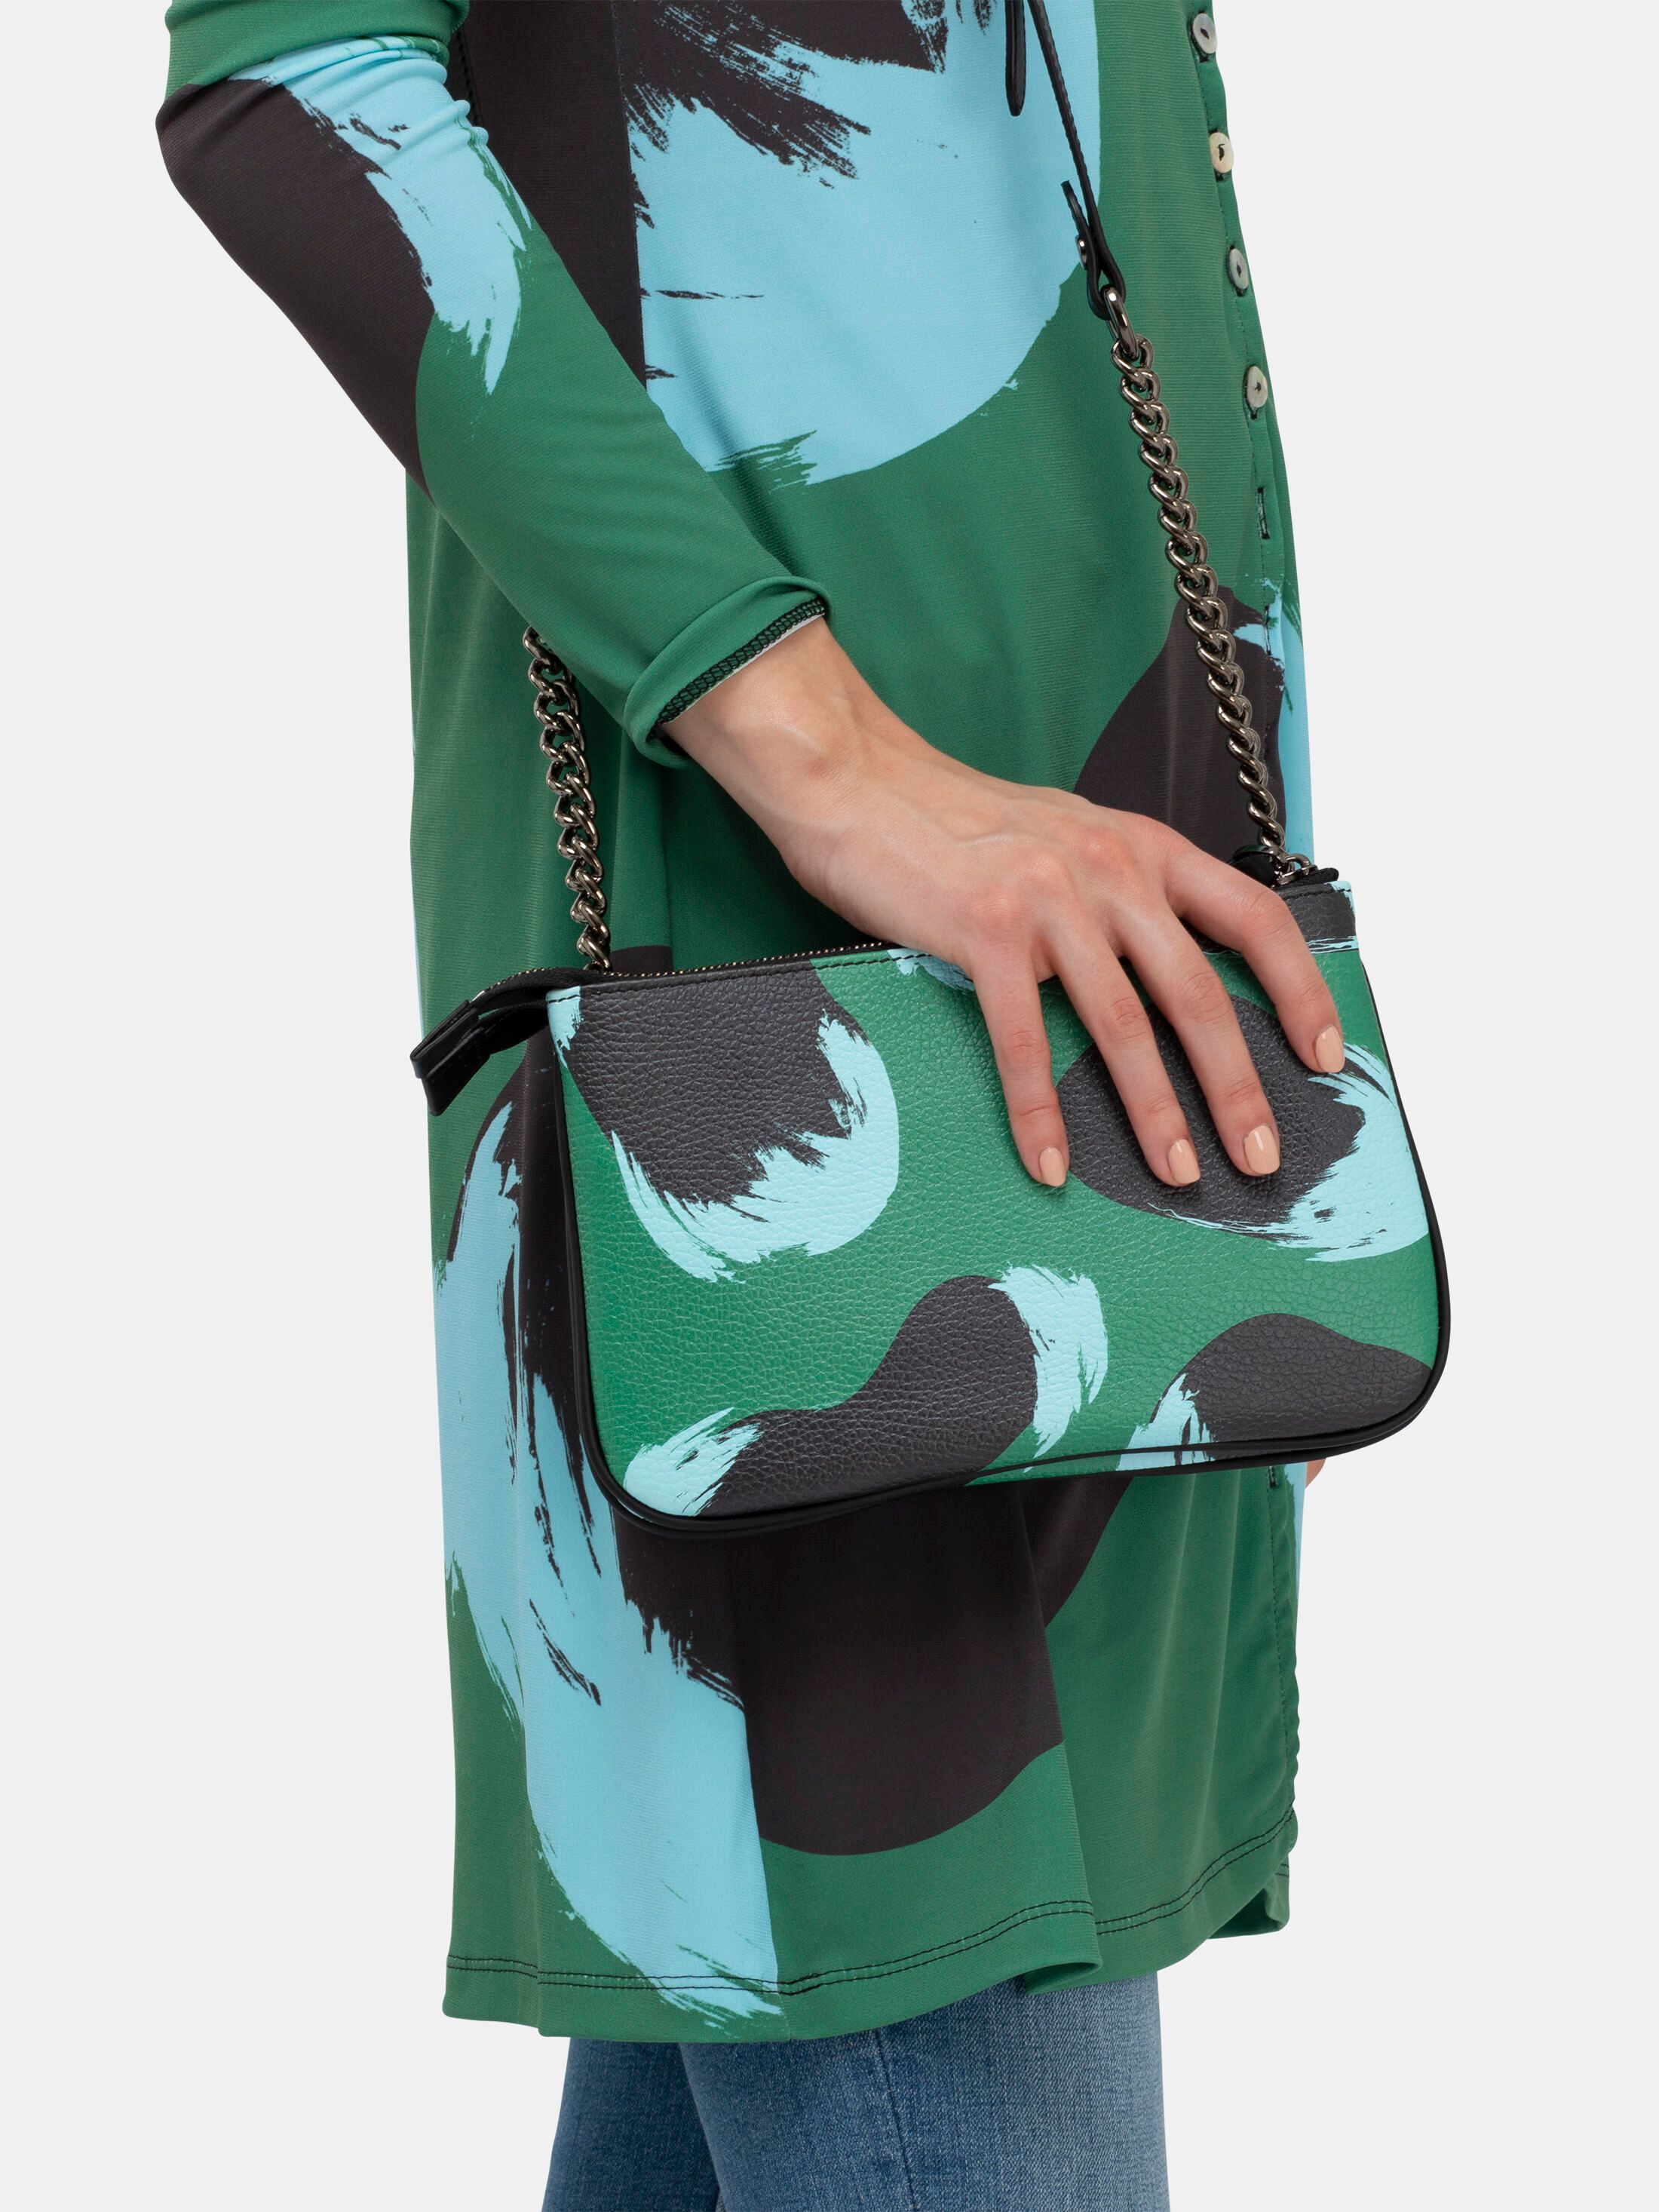 pochette tas bedrukken met jouw ontwerp